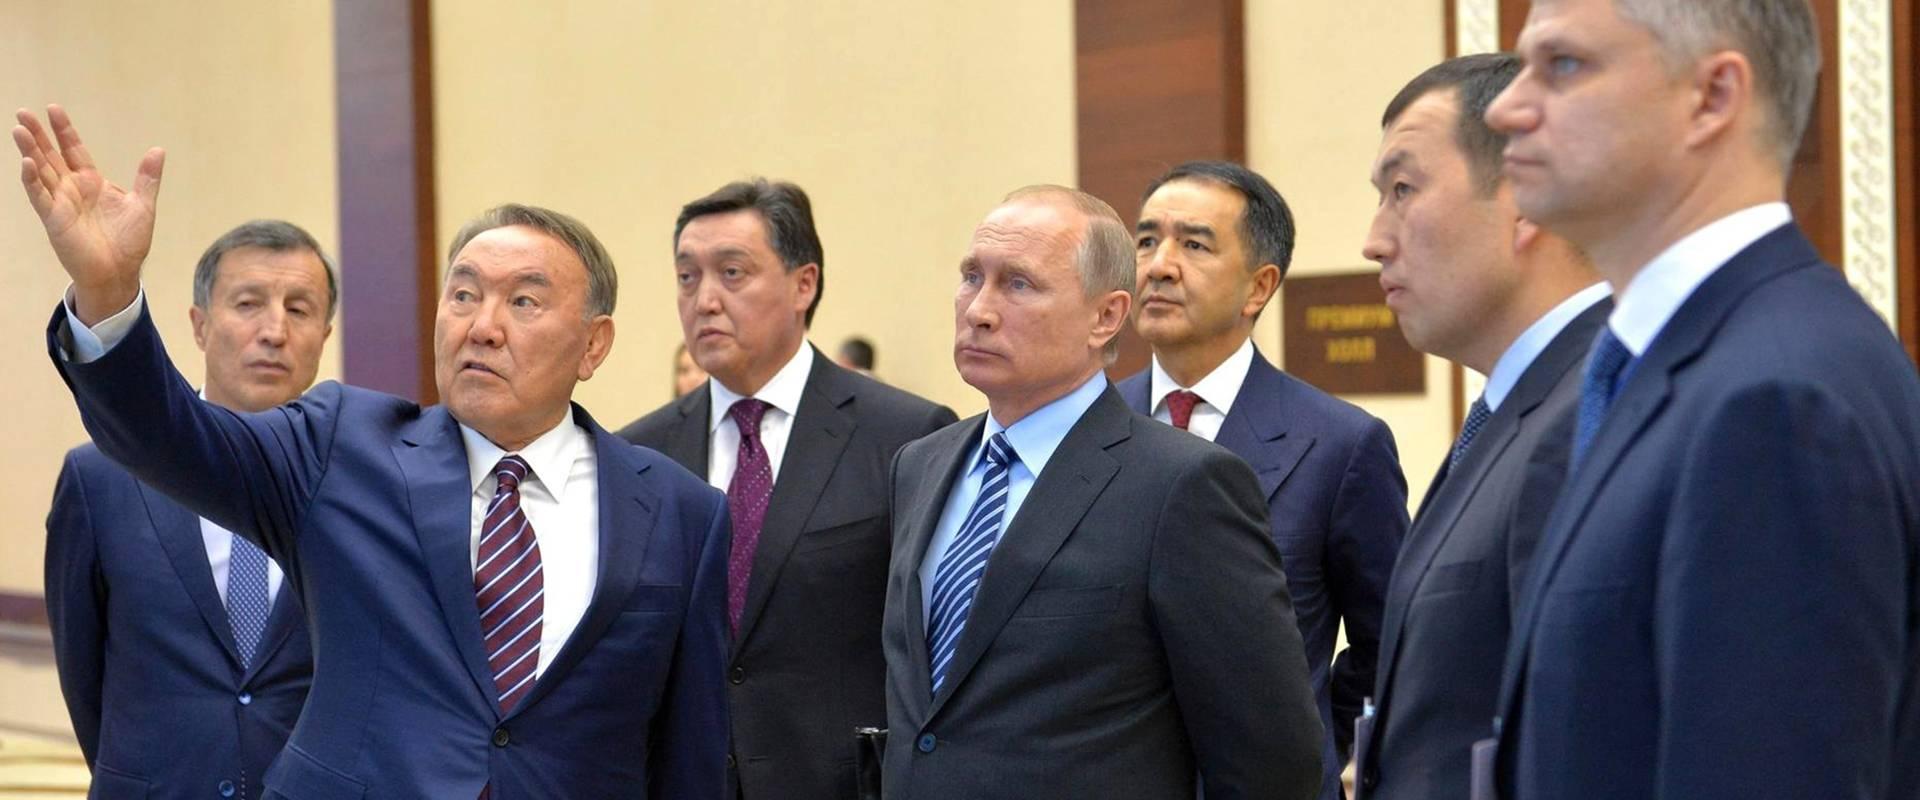 Interview über Machtwechsel in Kasachstan